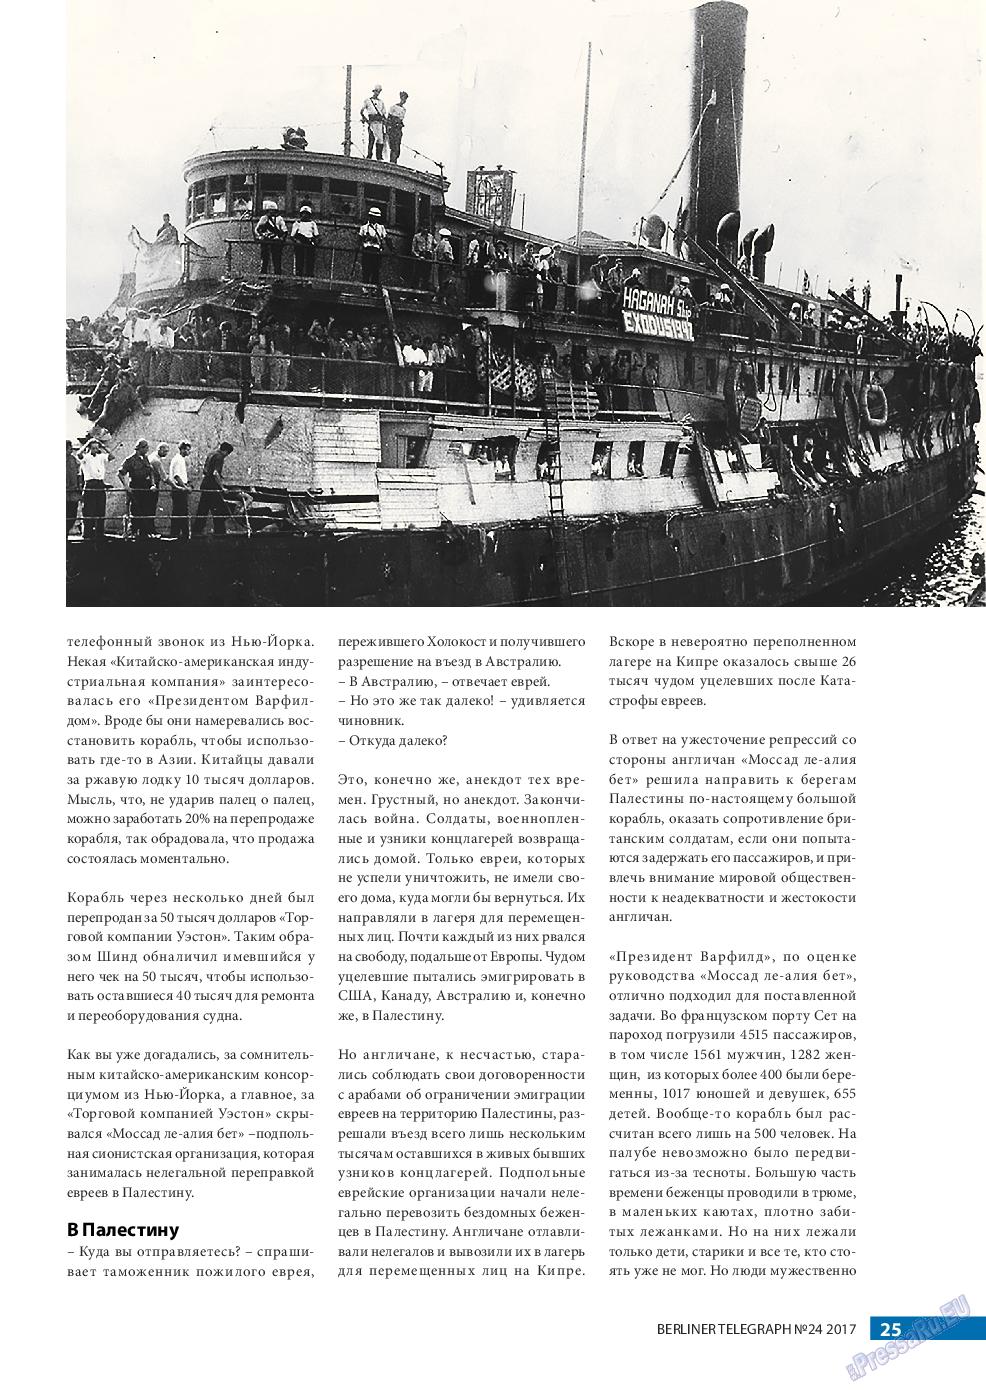 Берлинский телеграф (журнал). 2017 год, номер 24, стр. 25